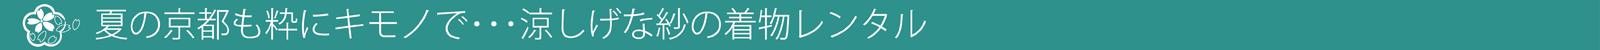 夏の京都も域に着物で「涼しげな紗の着物レンタル」